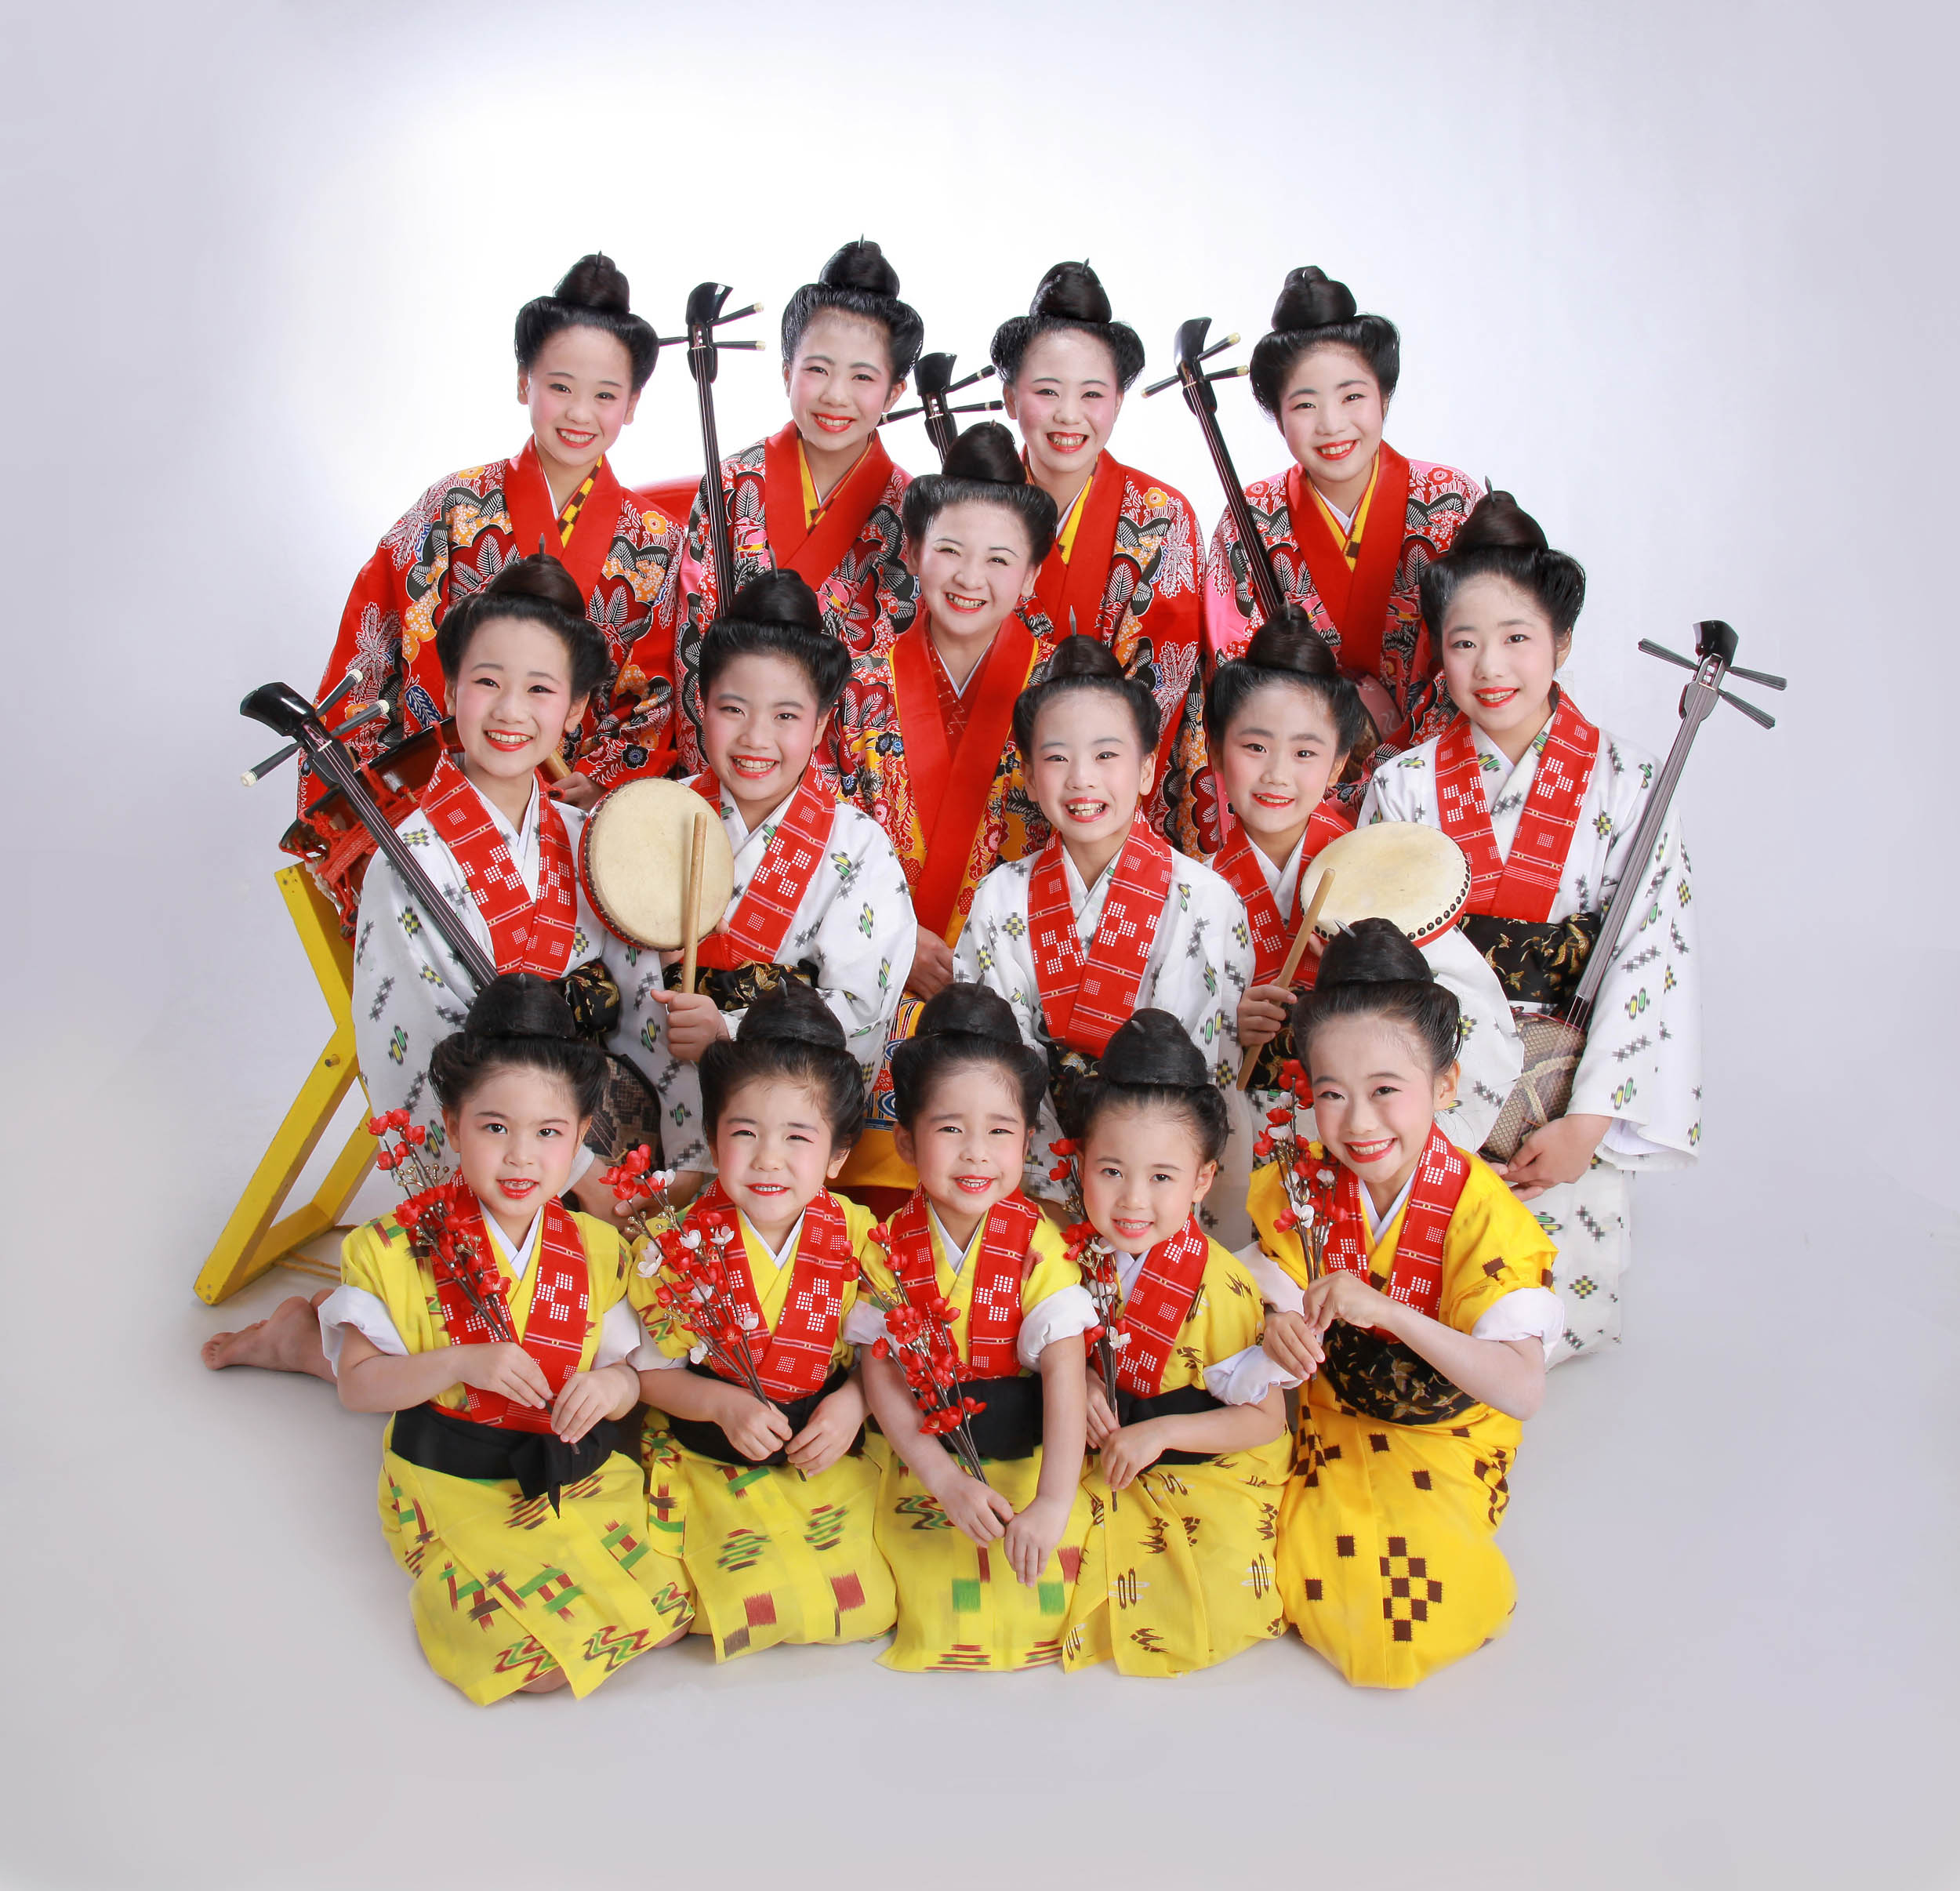 島うた少女テン 沖縄民謡グループ